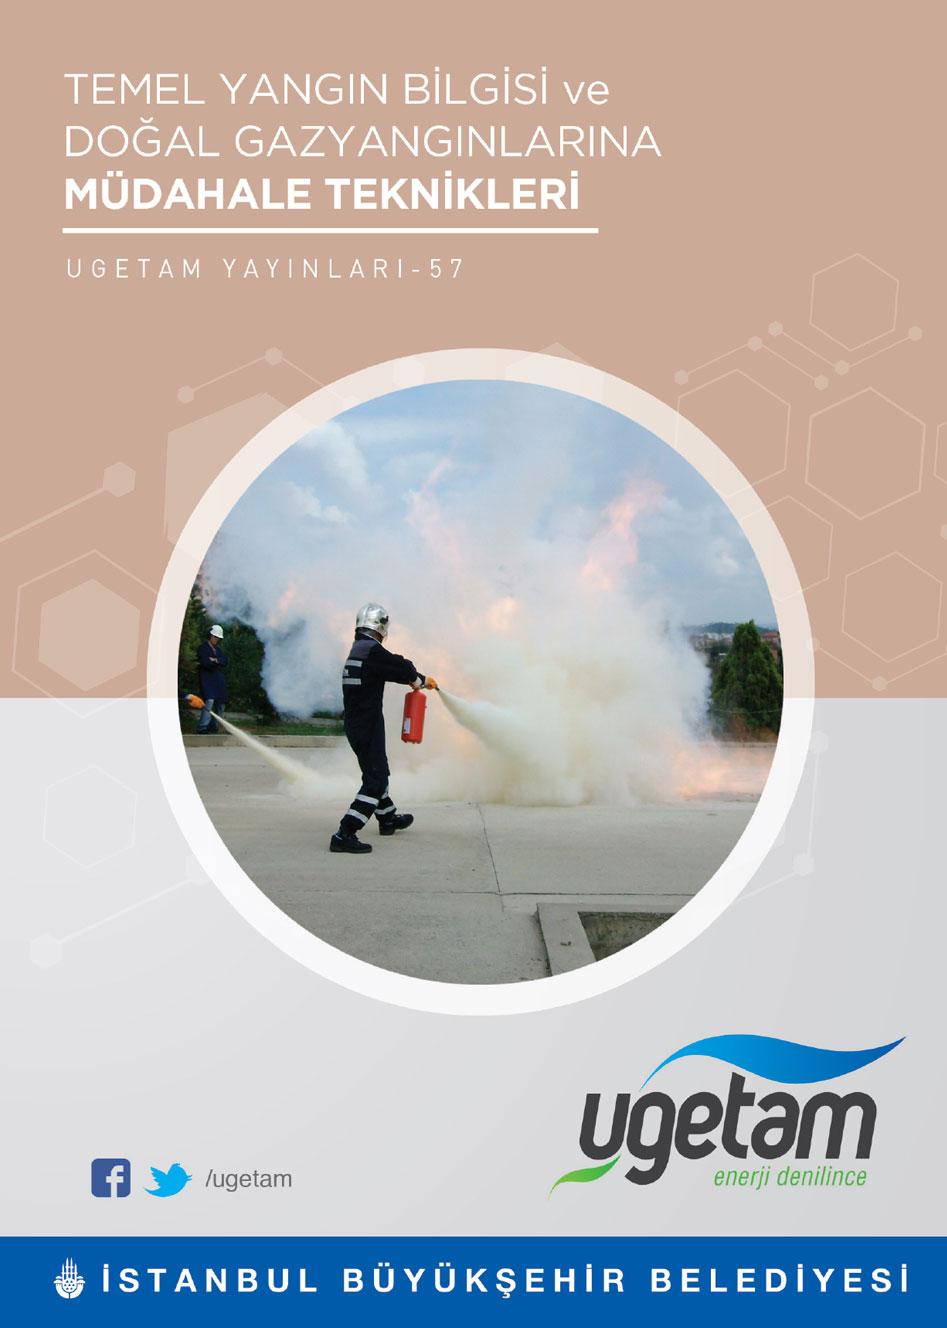 Temel Yangın Bilgisi ve Doğal Gaz Yangınlarına Müdahale Teknikleri